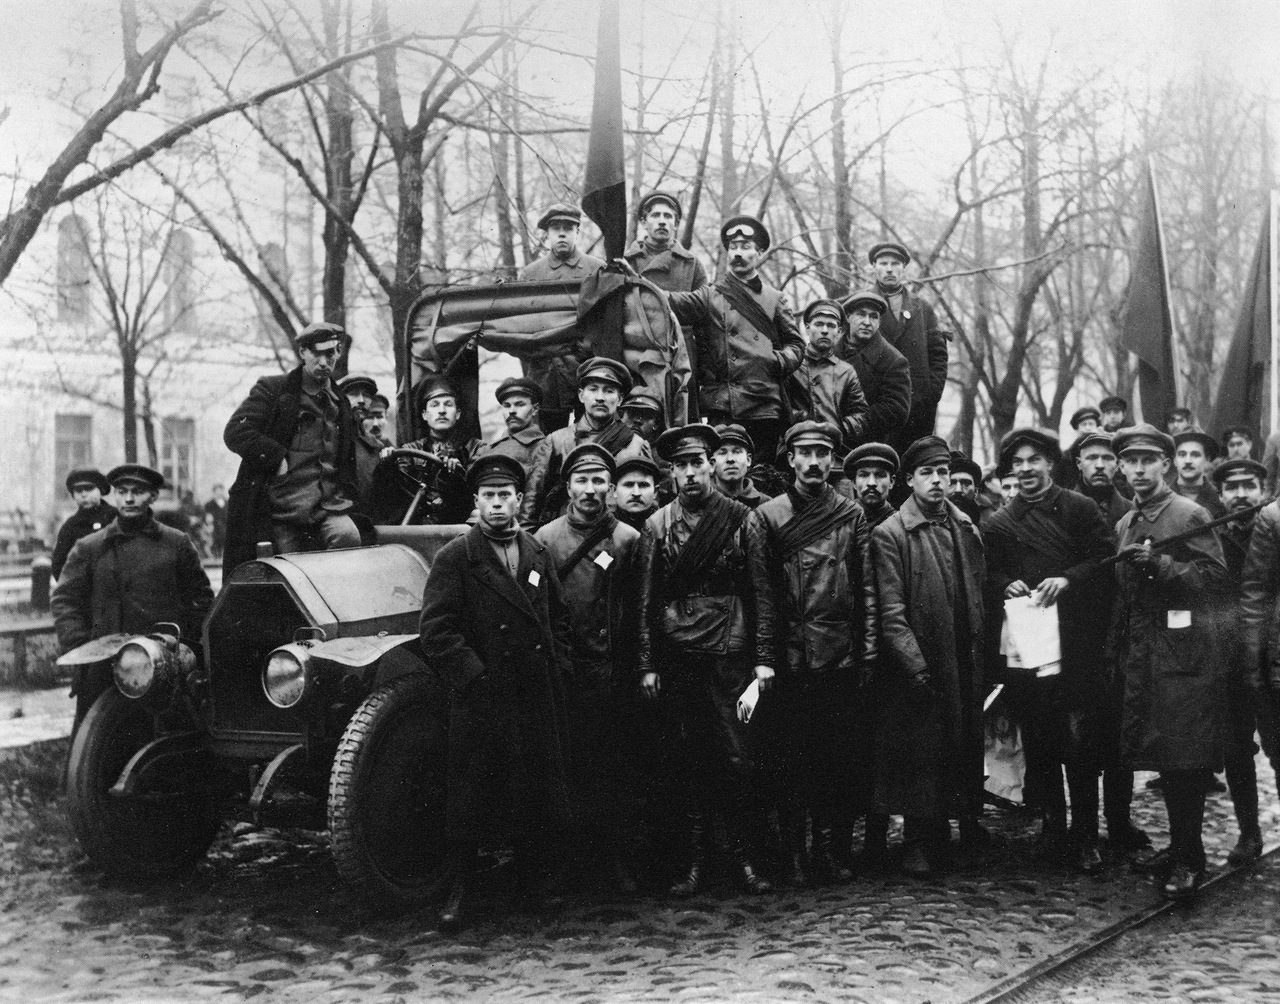 Советские фотографии - настоящие шедевры